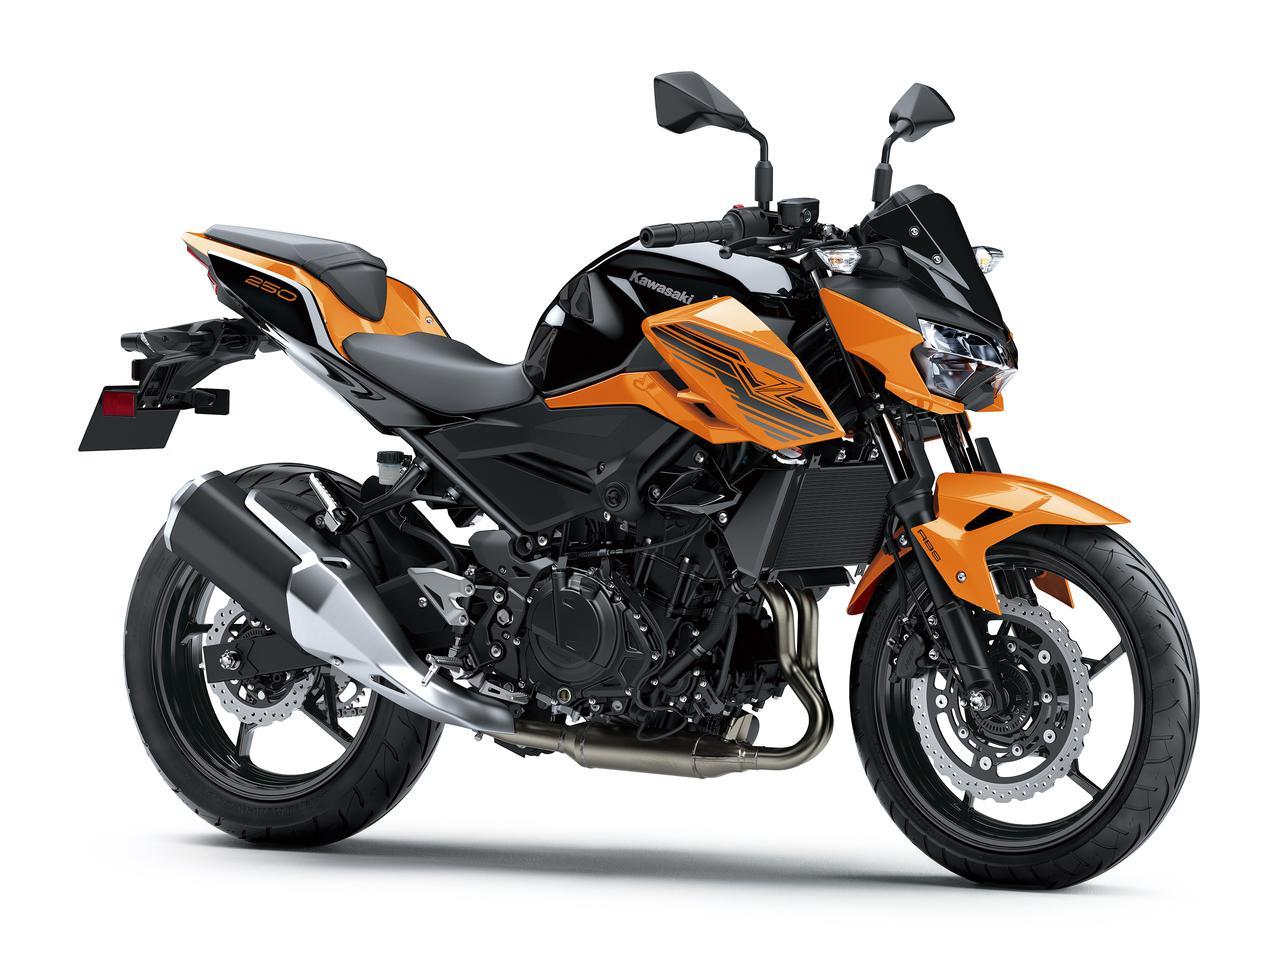 画像17: カワサキが「Z250」の2021年モデルを発売! 2020年モデルと比較してみよう【2021速報】